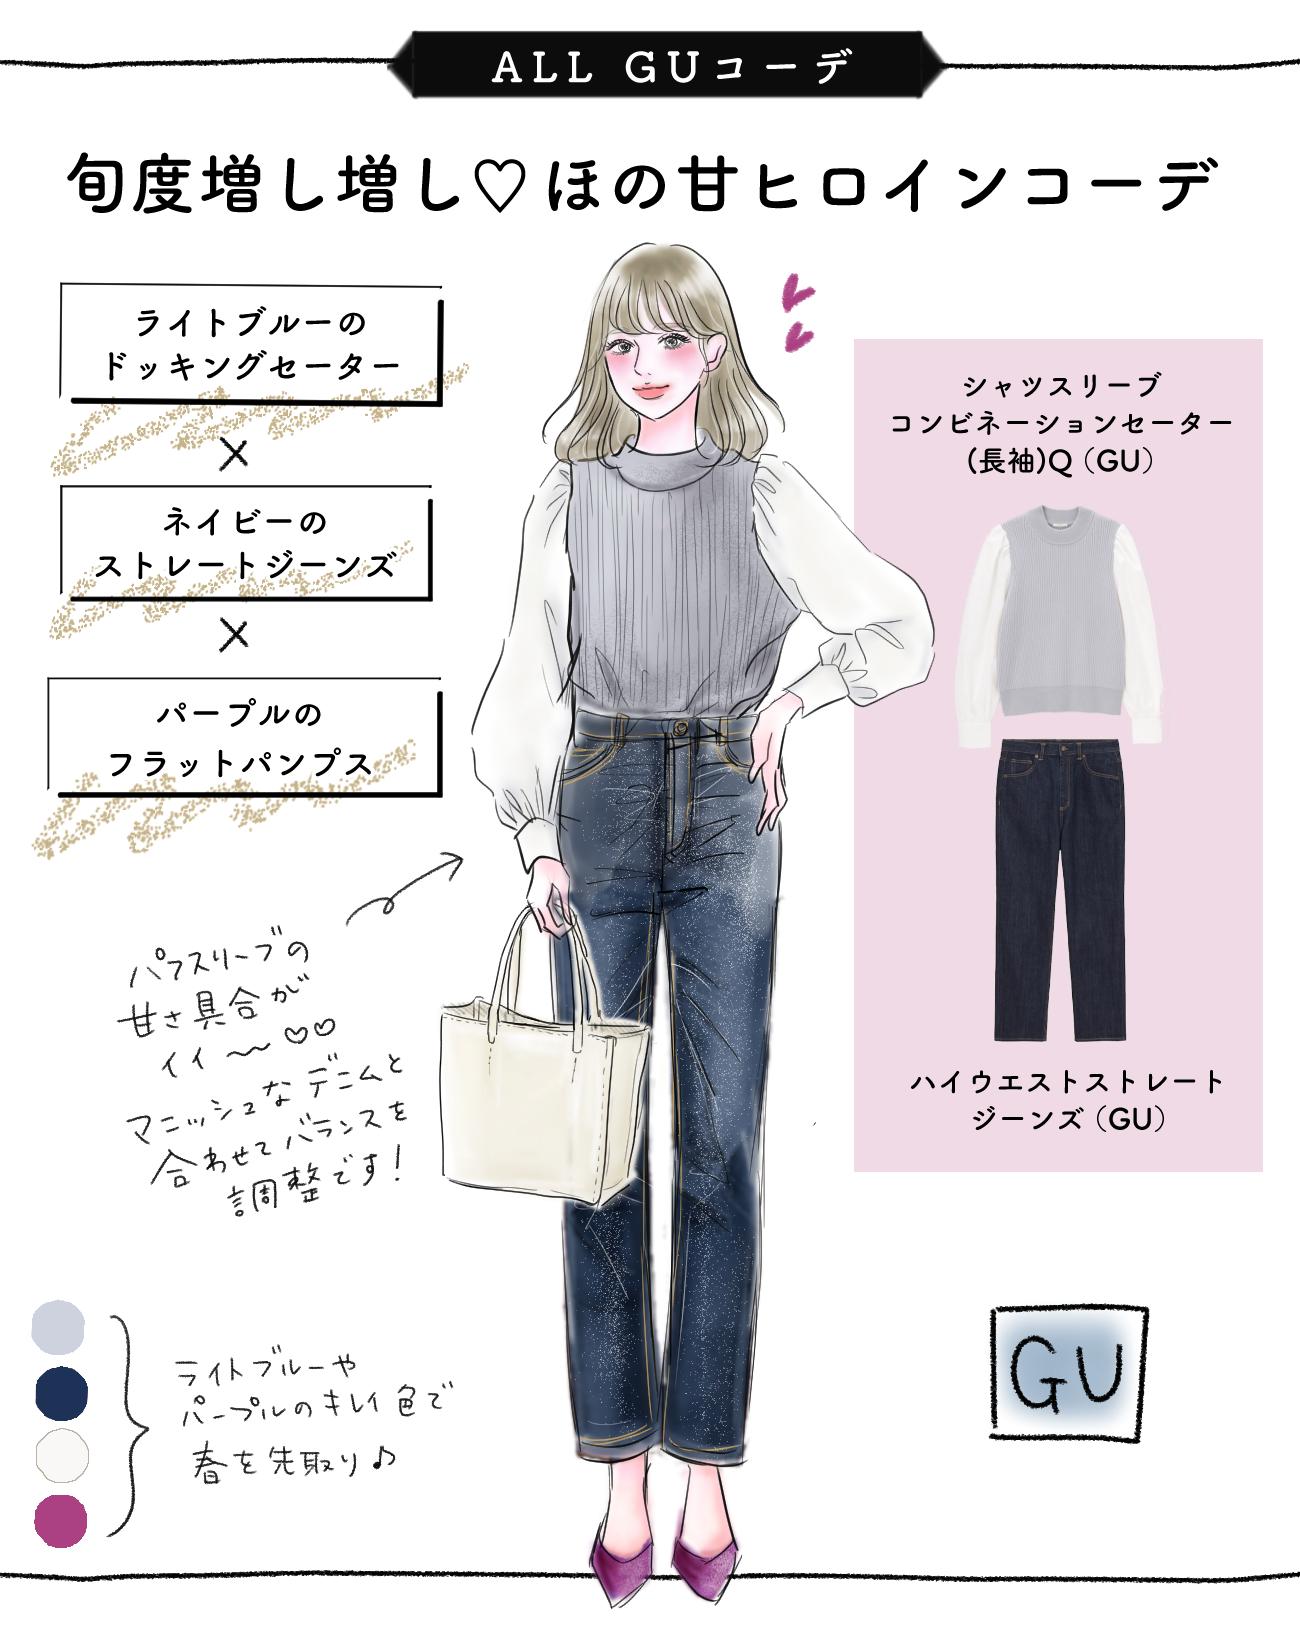 全身GU【可愛すぎる旬顔トップス】1枚着るだけで簡単レイヤードスタイル!